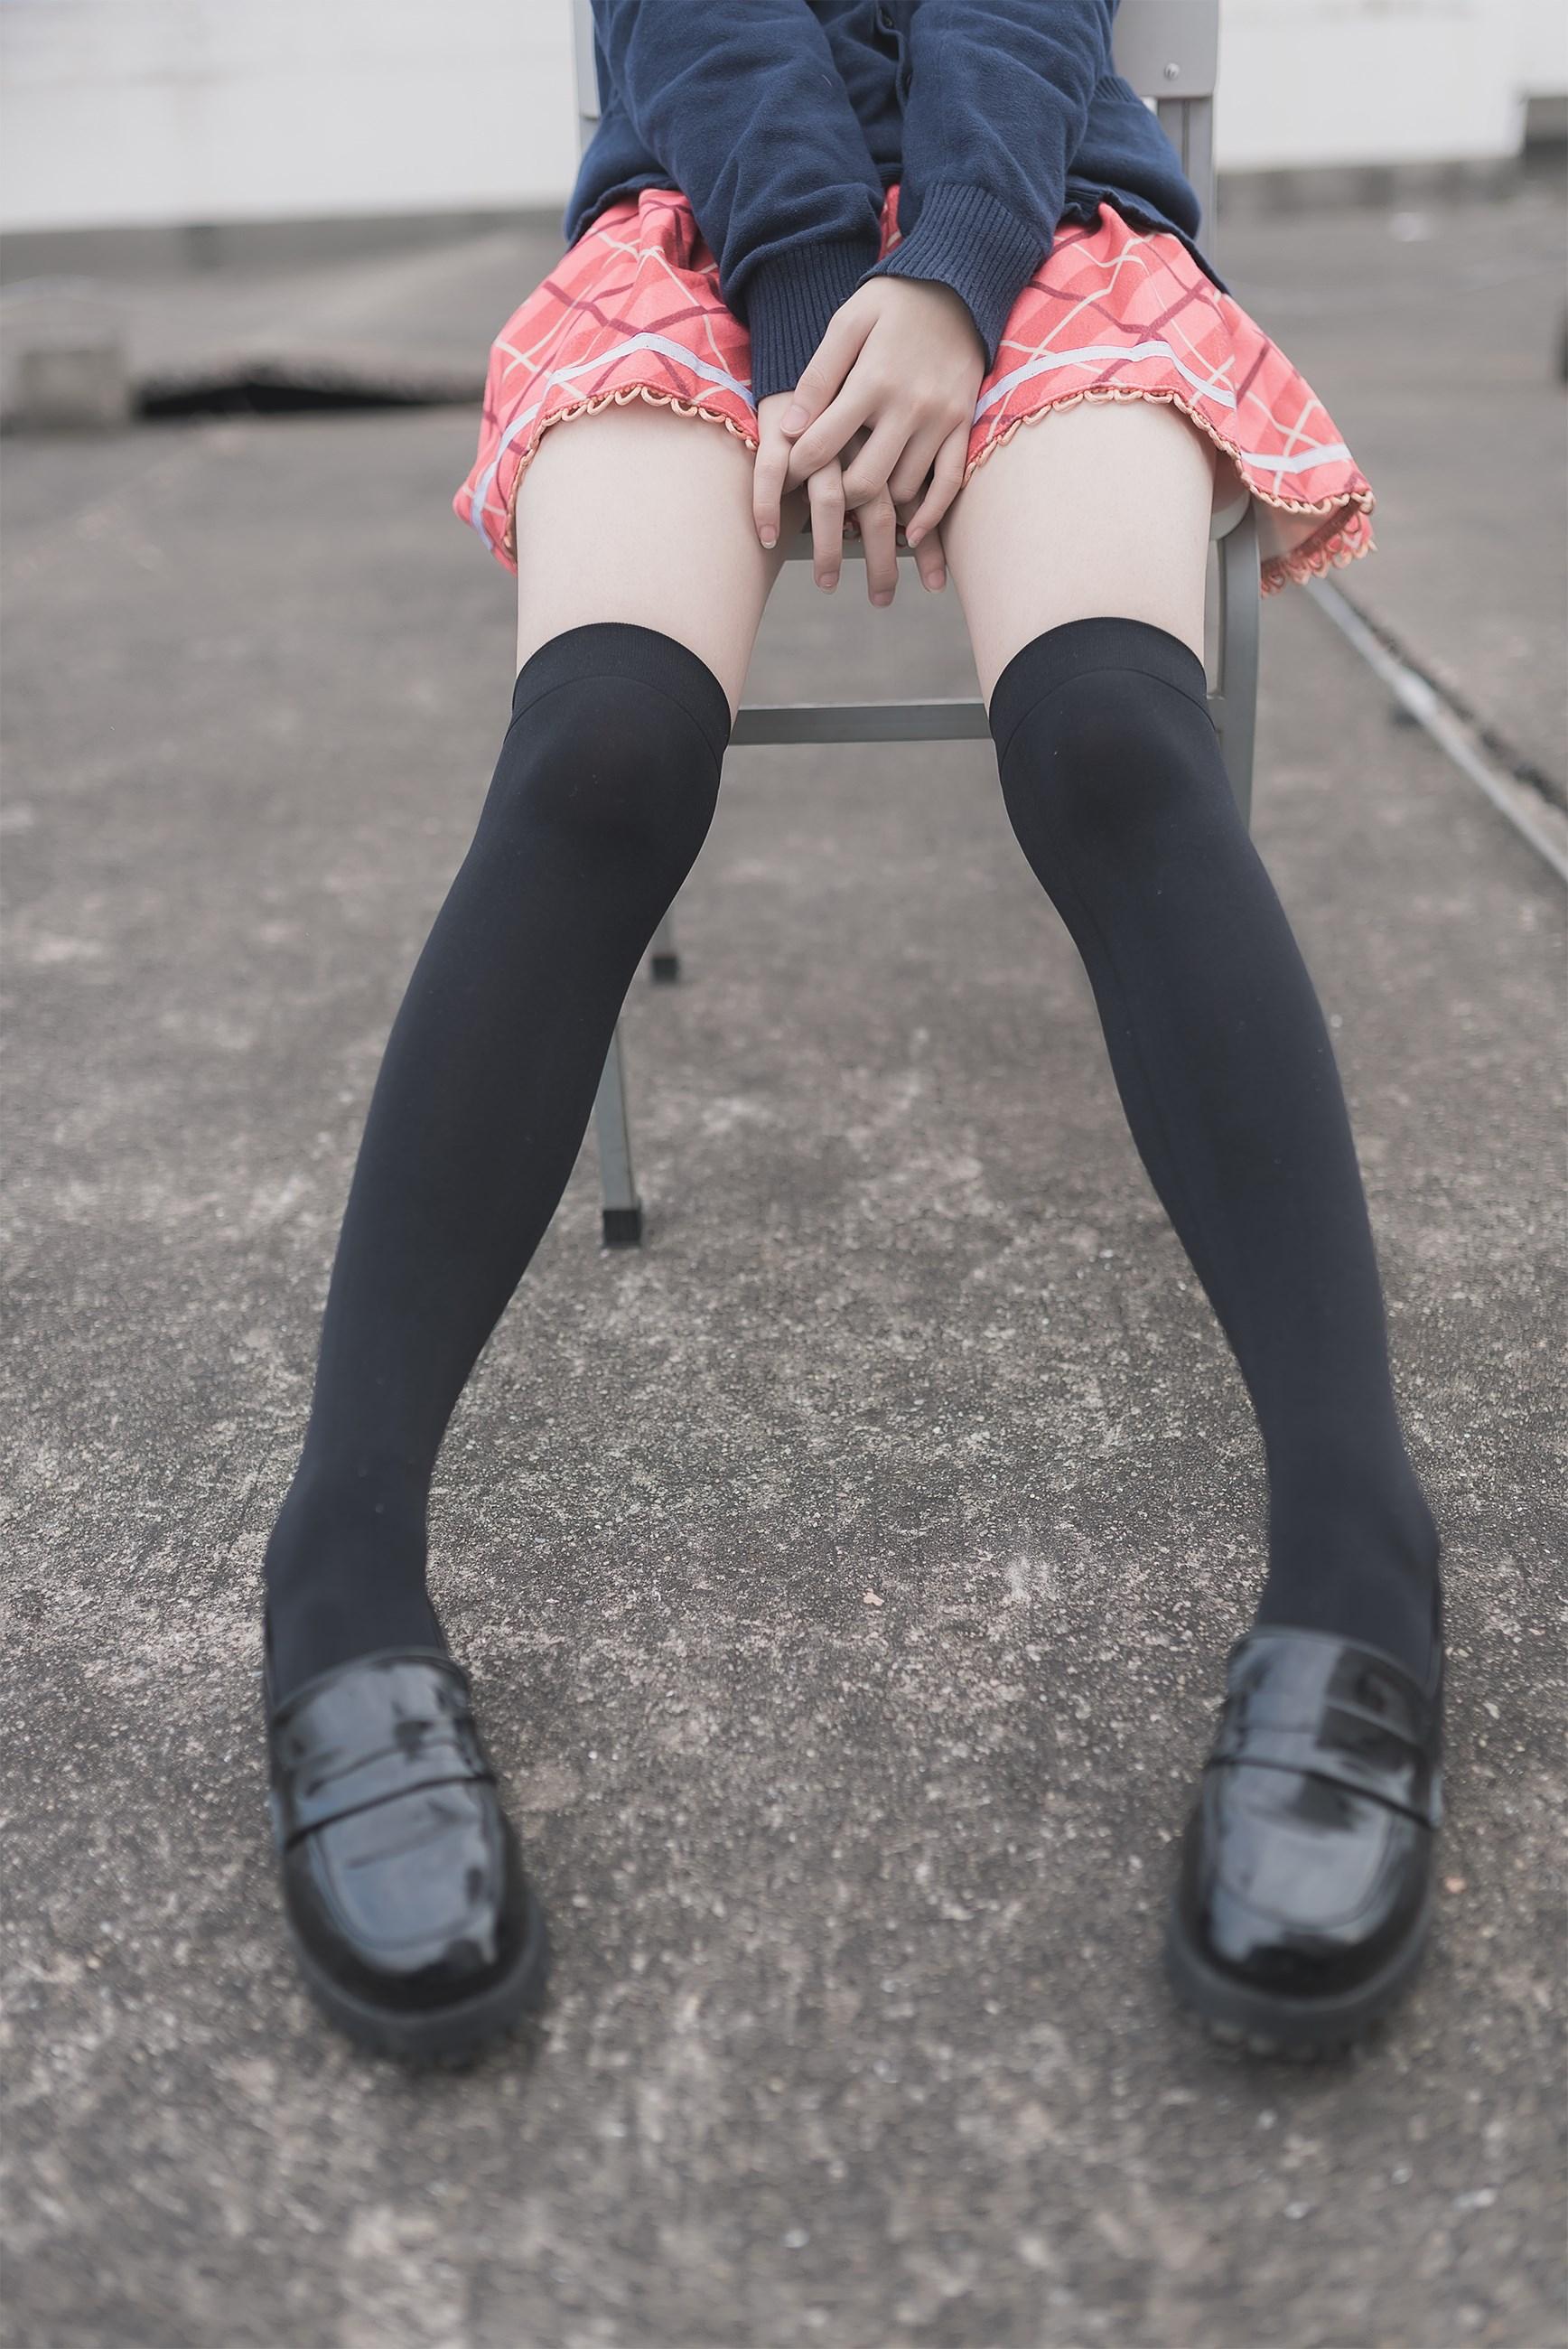 【兔玩映画】过膝袜 兔玩映画 第35张